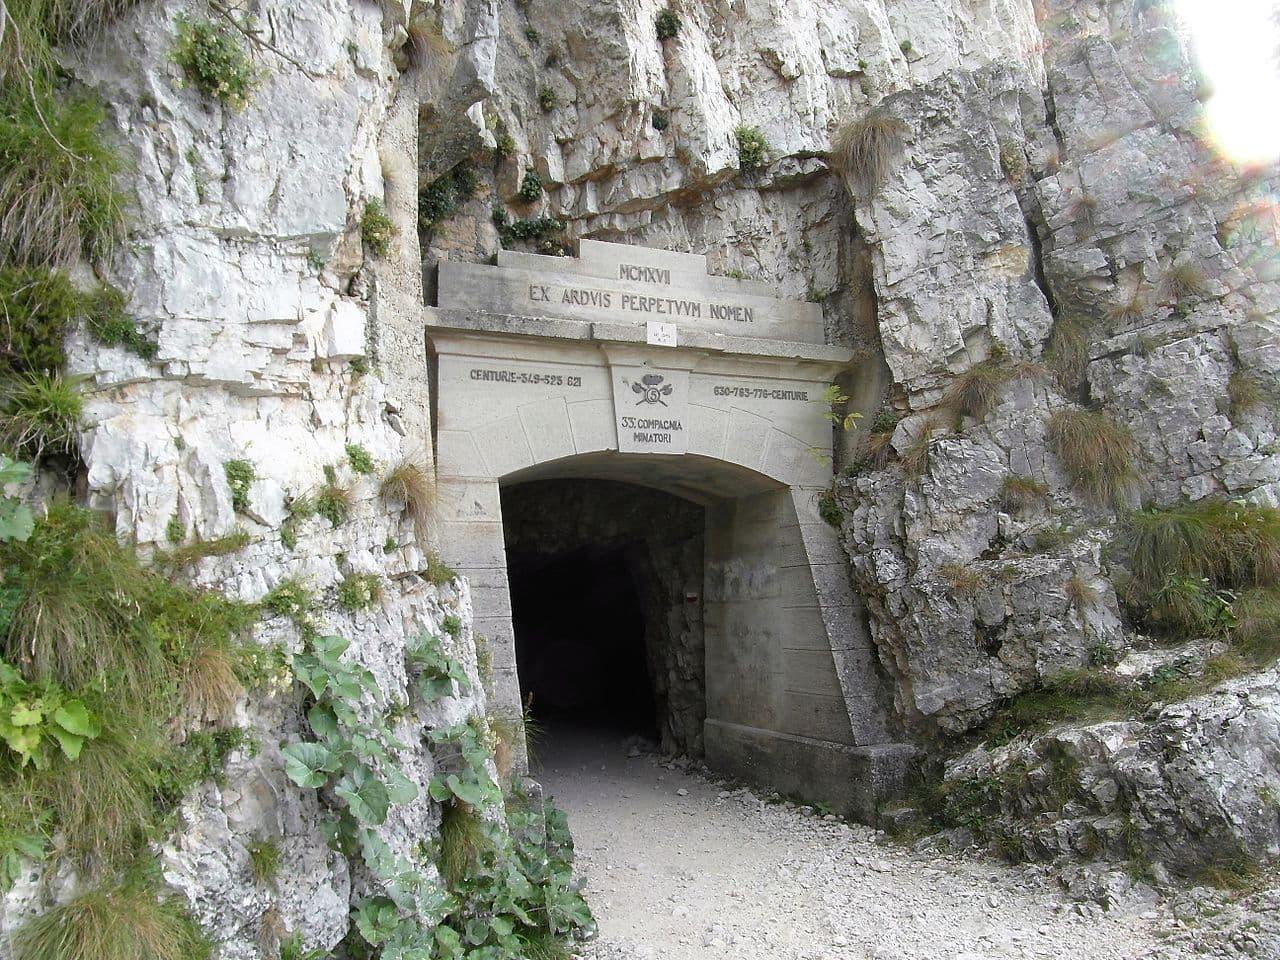 Inizio della strada delle 52 gallerie